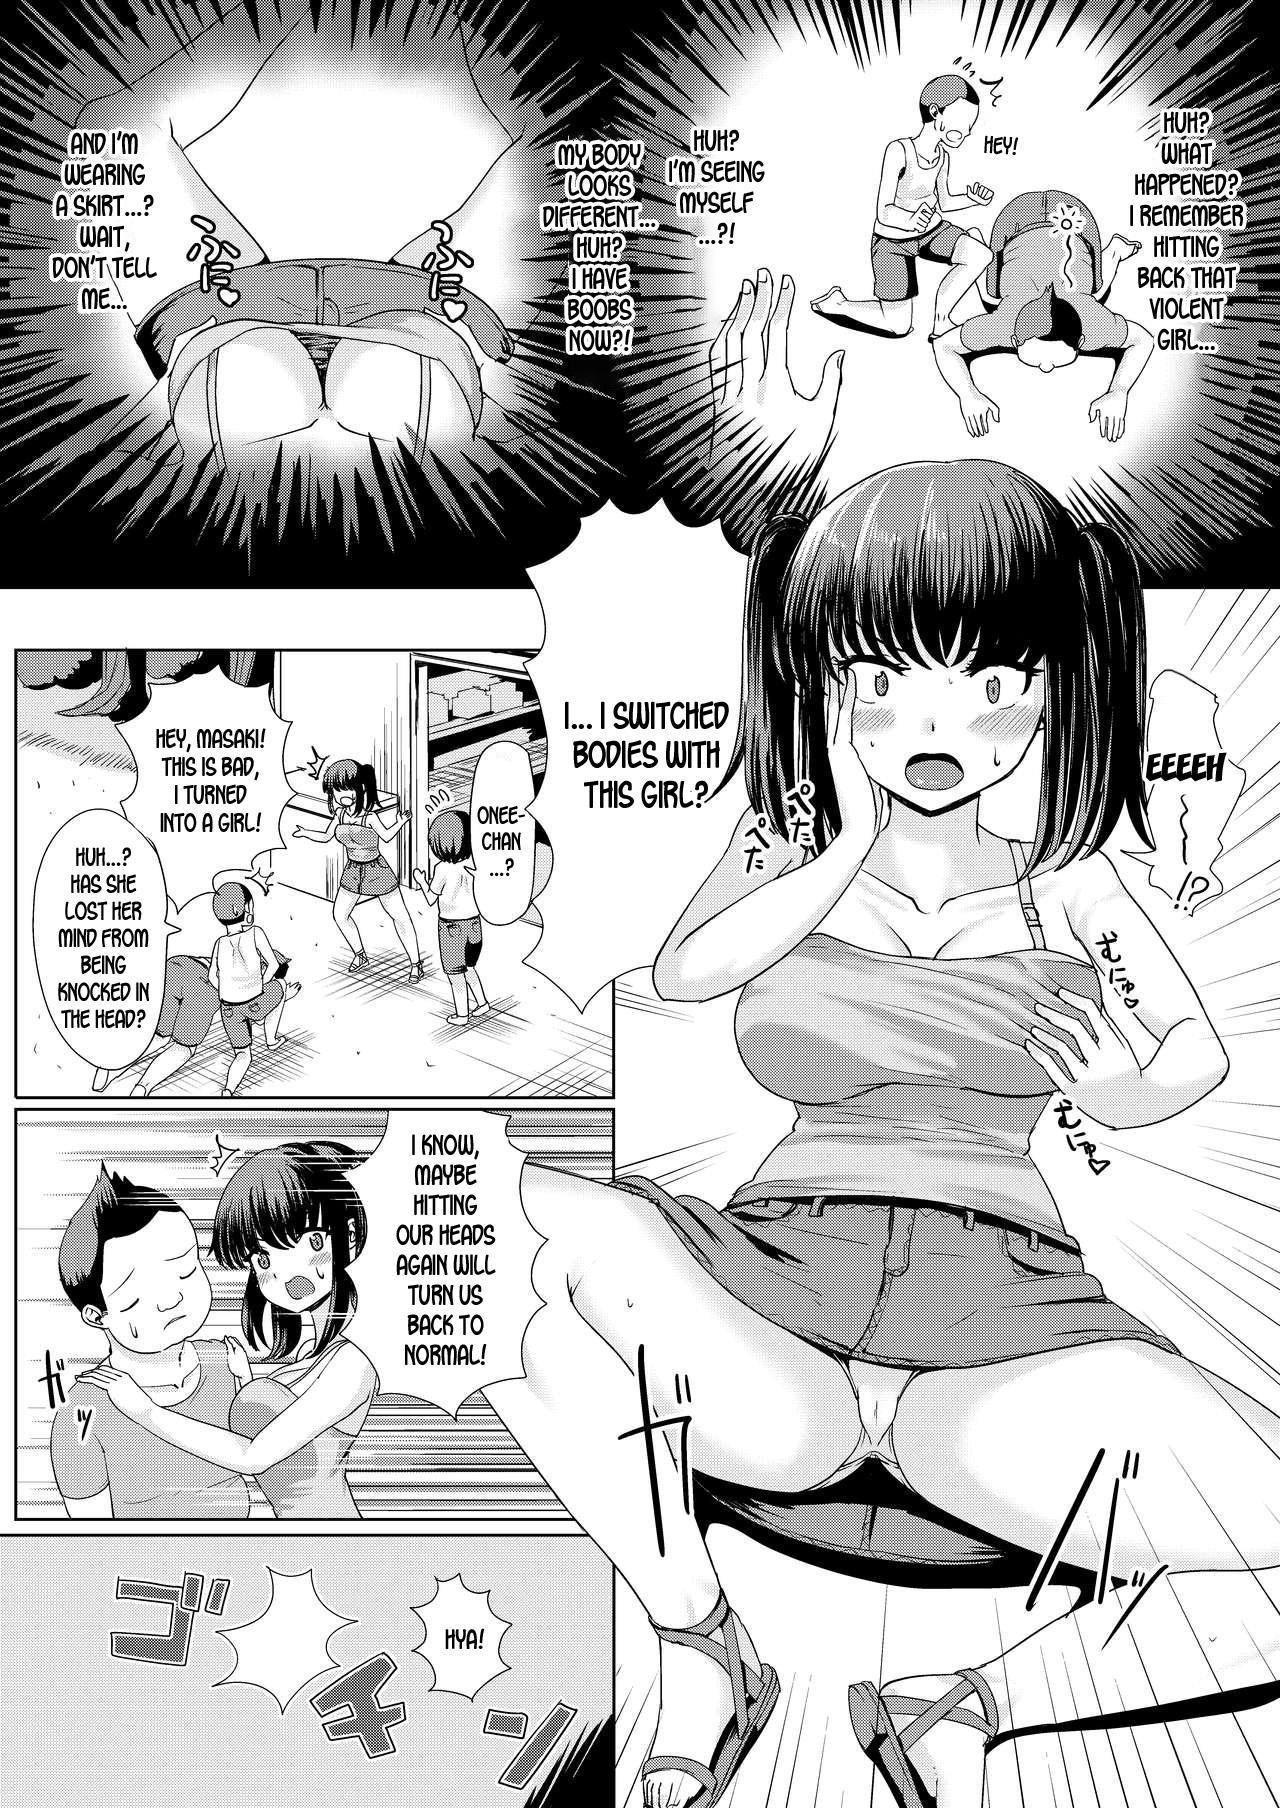 Natsu no Hyoui 4